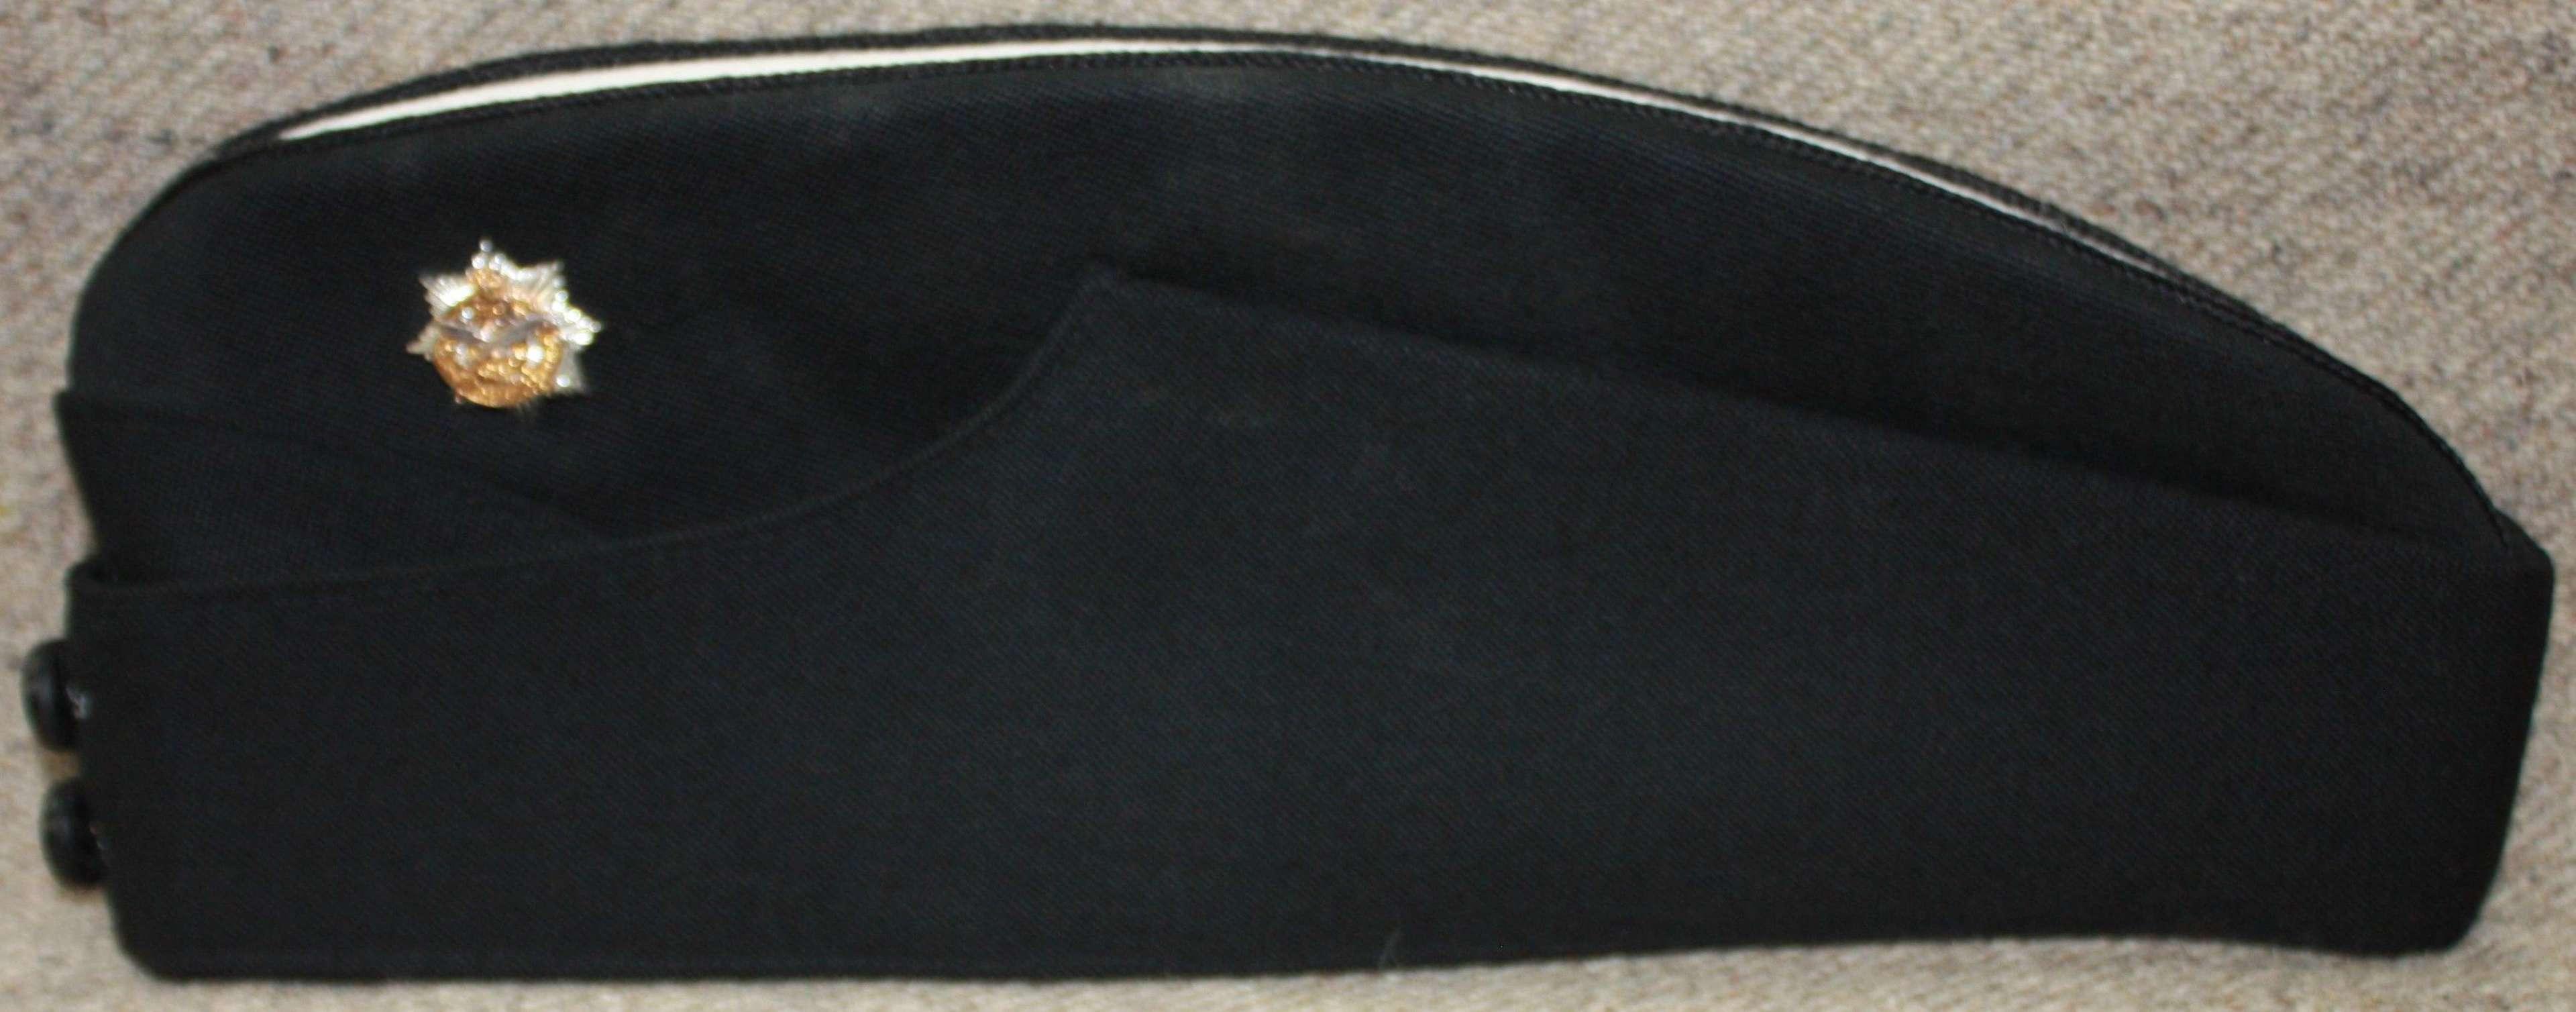 A FAIRLY MODERN GURKHA LOGISTICS OFFICERS SIDE CAP